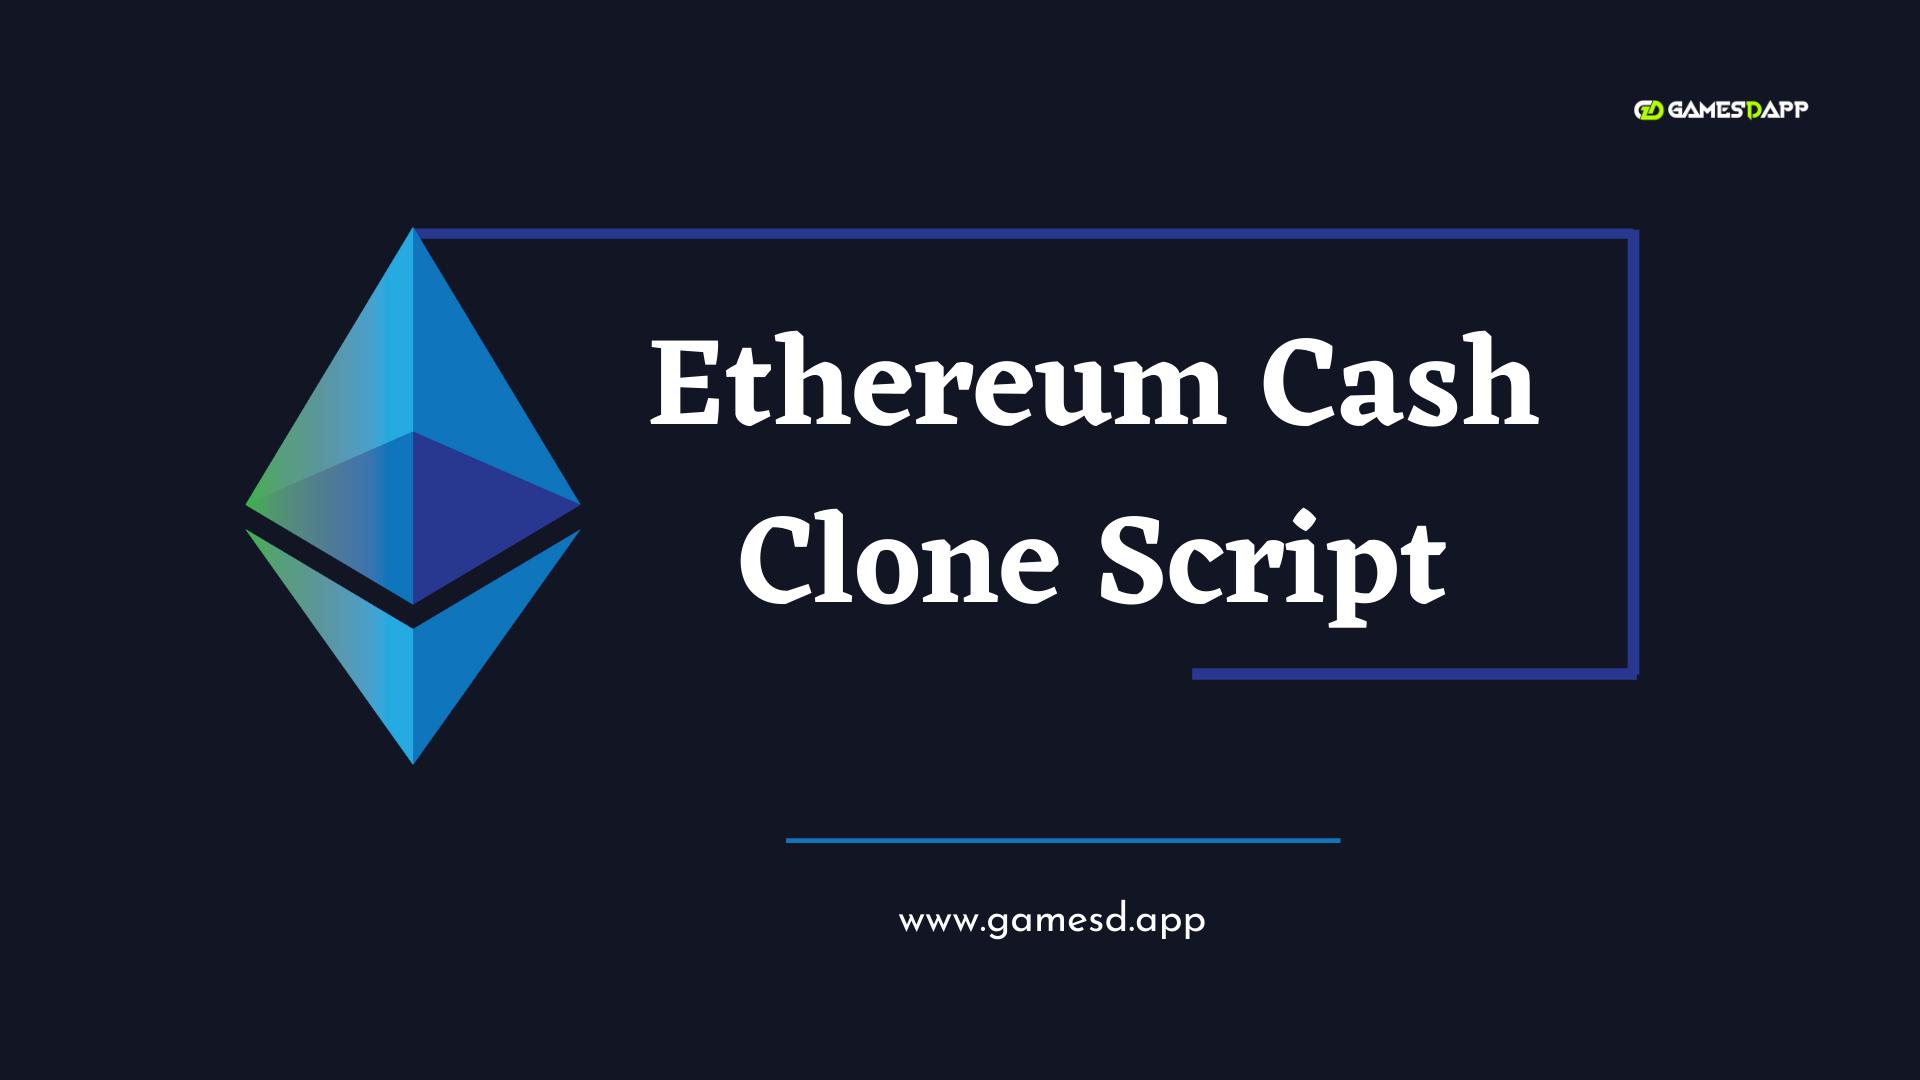 Start A Smart Contract Based Decentralized MLM Platform Like Ethereum.Cash